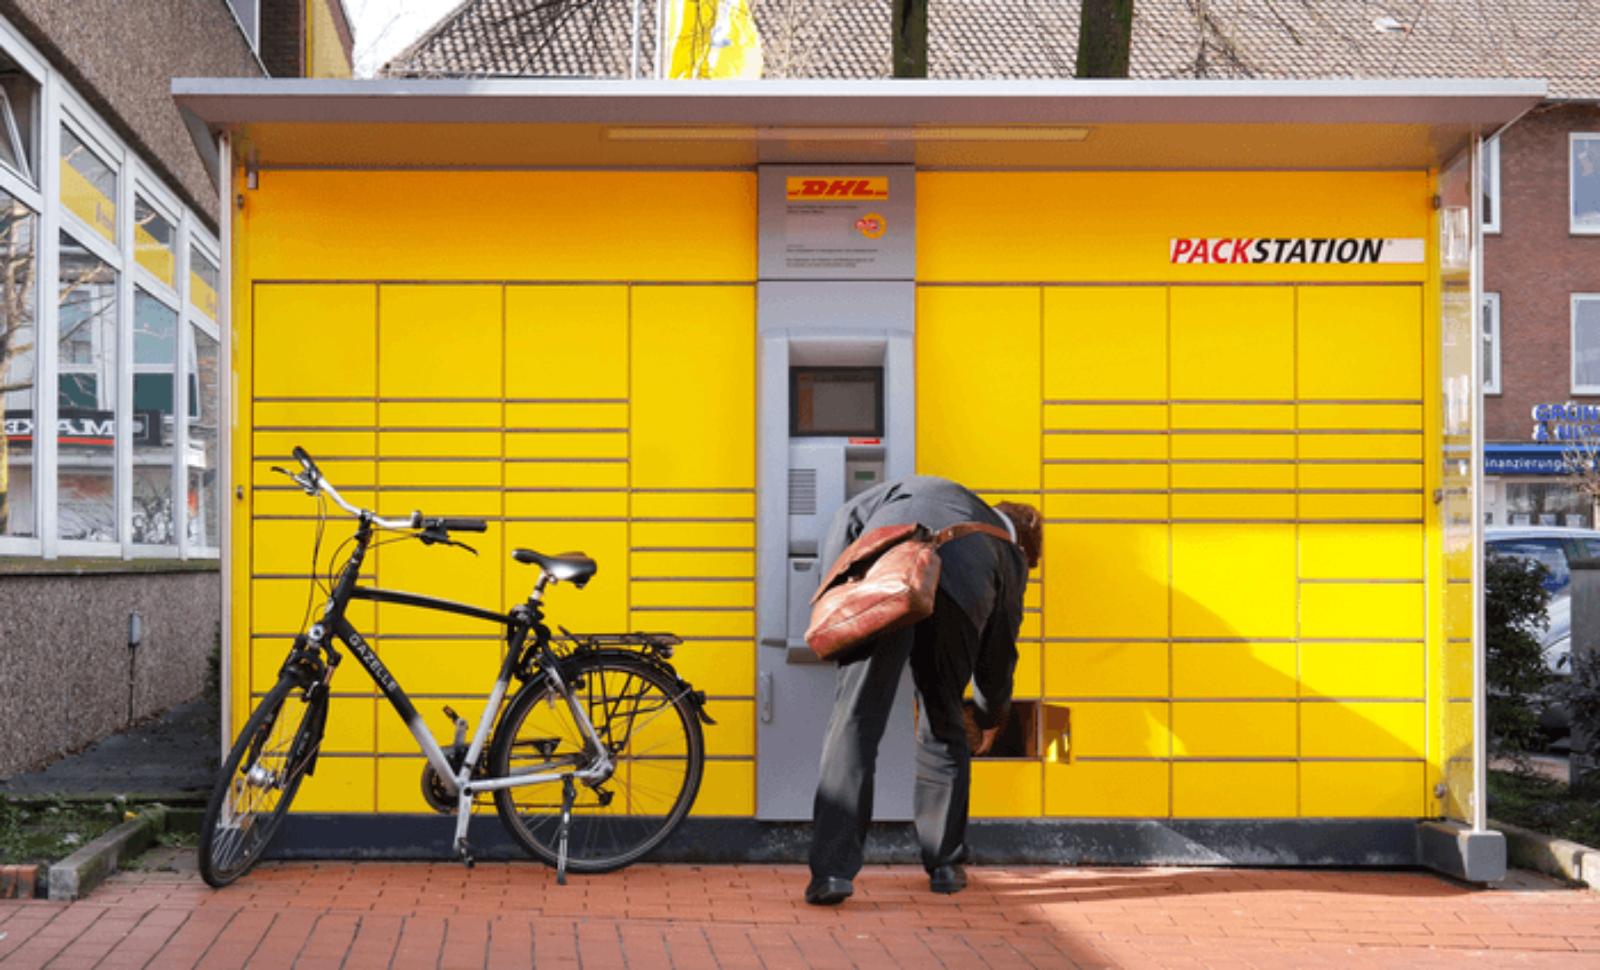 DHL-Erpressung: Täter fordert zehn Millionen Euro in Bitcoin